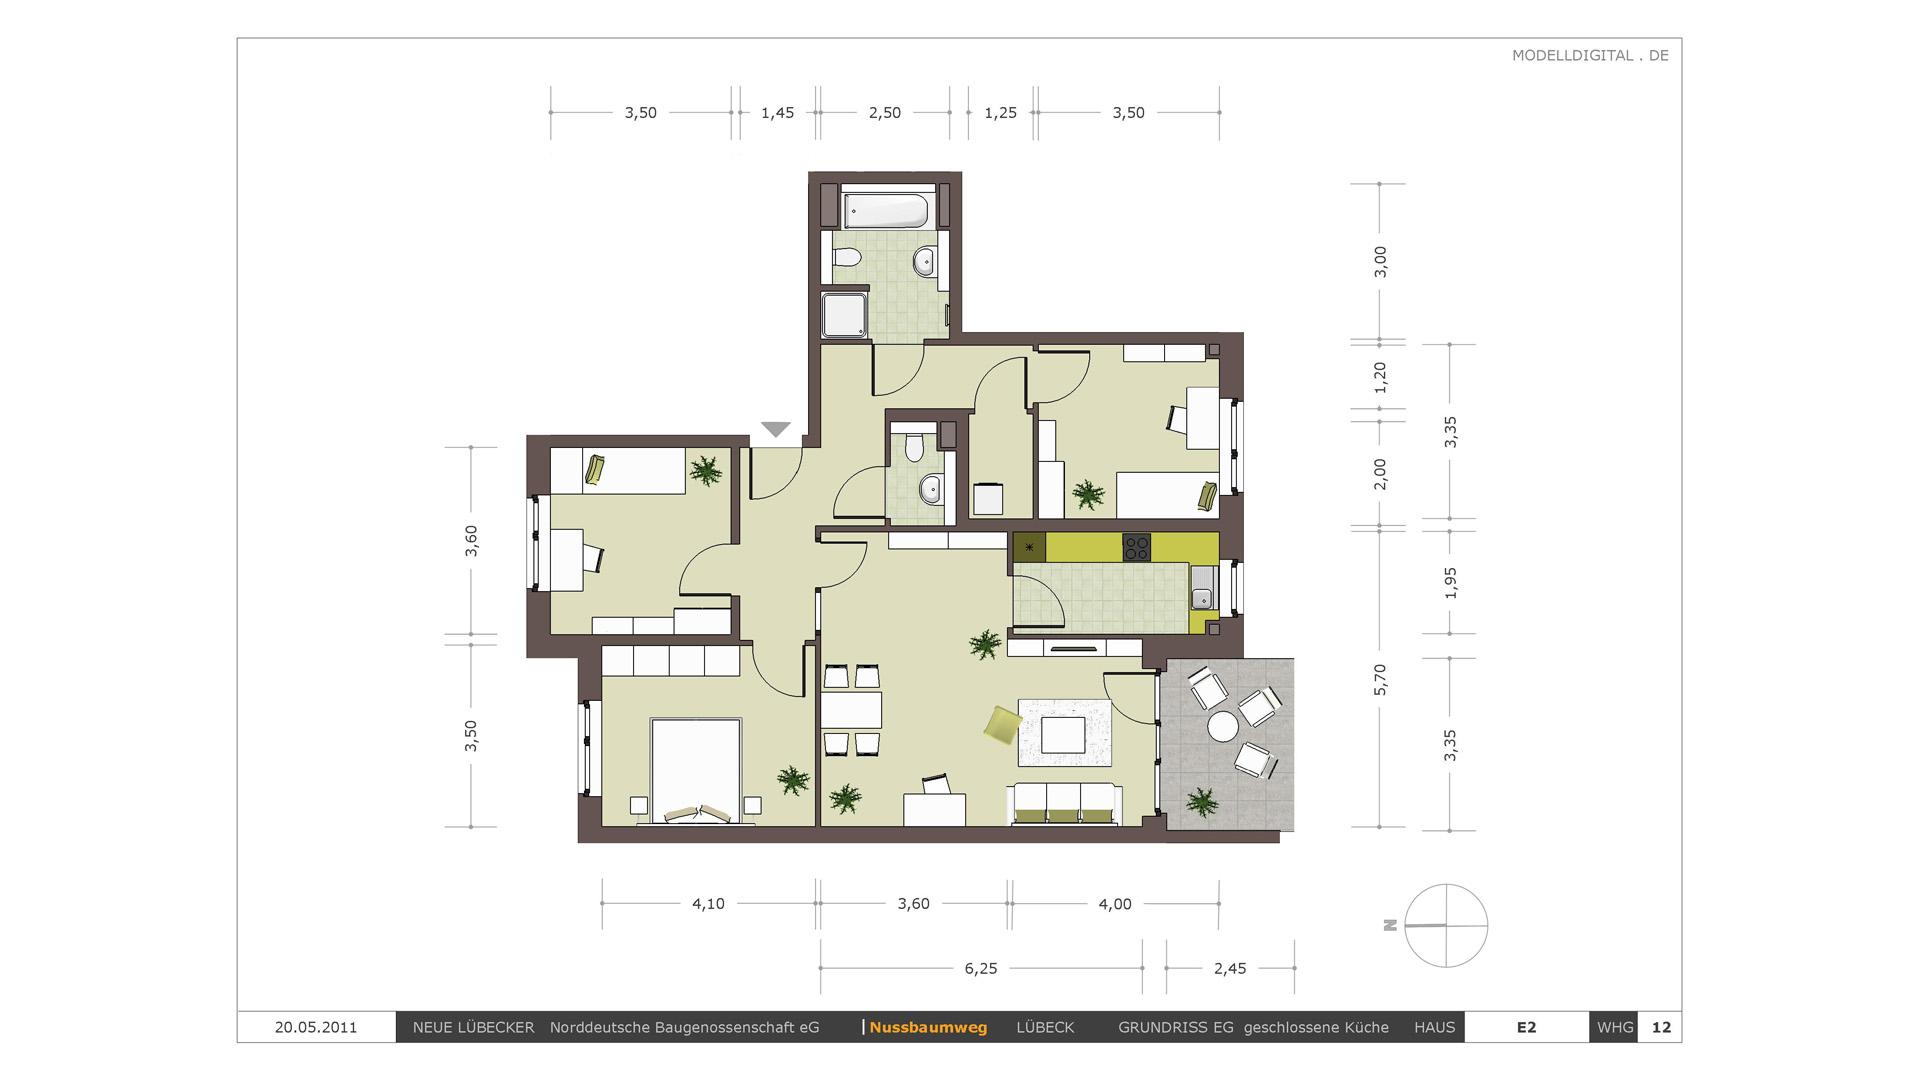 modelldigital | architekturvisualisierungen lübeck | 3d-grundrisse